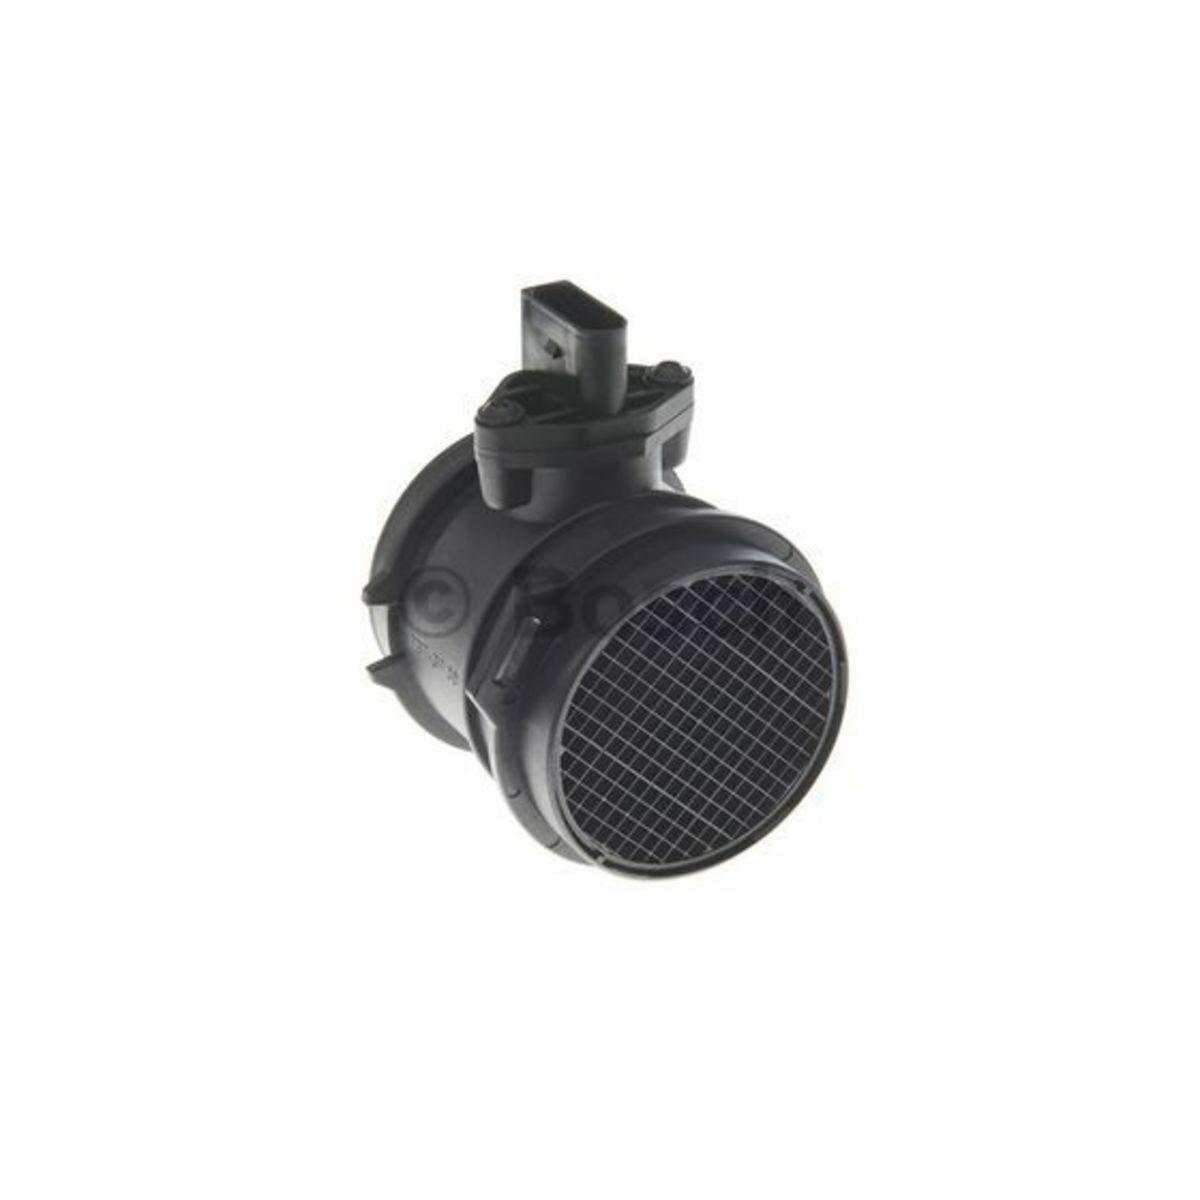 Luftmassenmesser für Gemischaufbereitung BOSCH 0 280 218 141